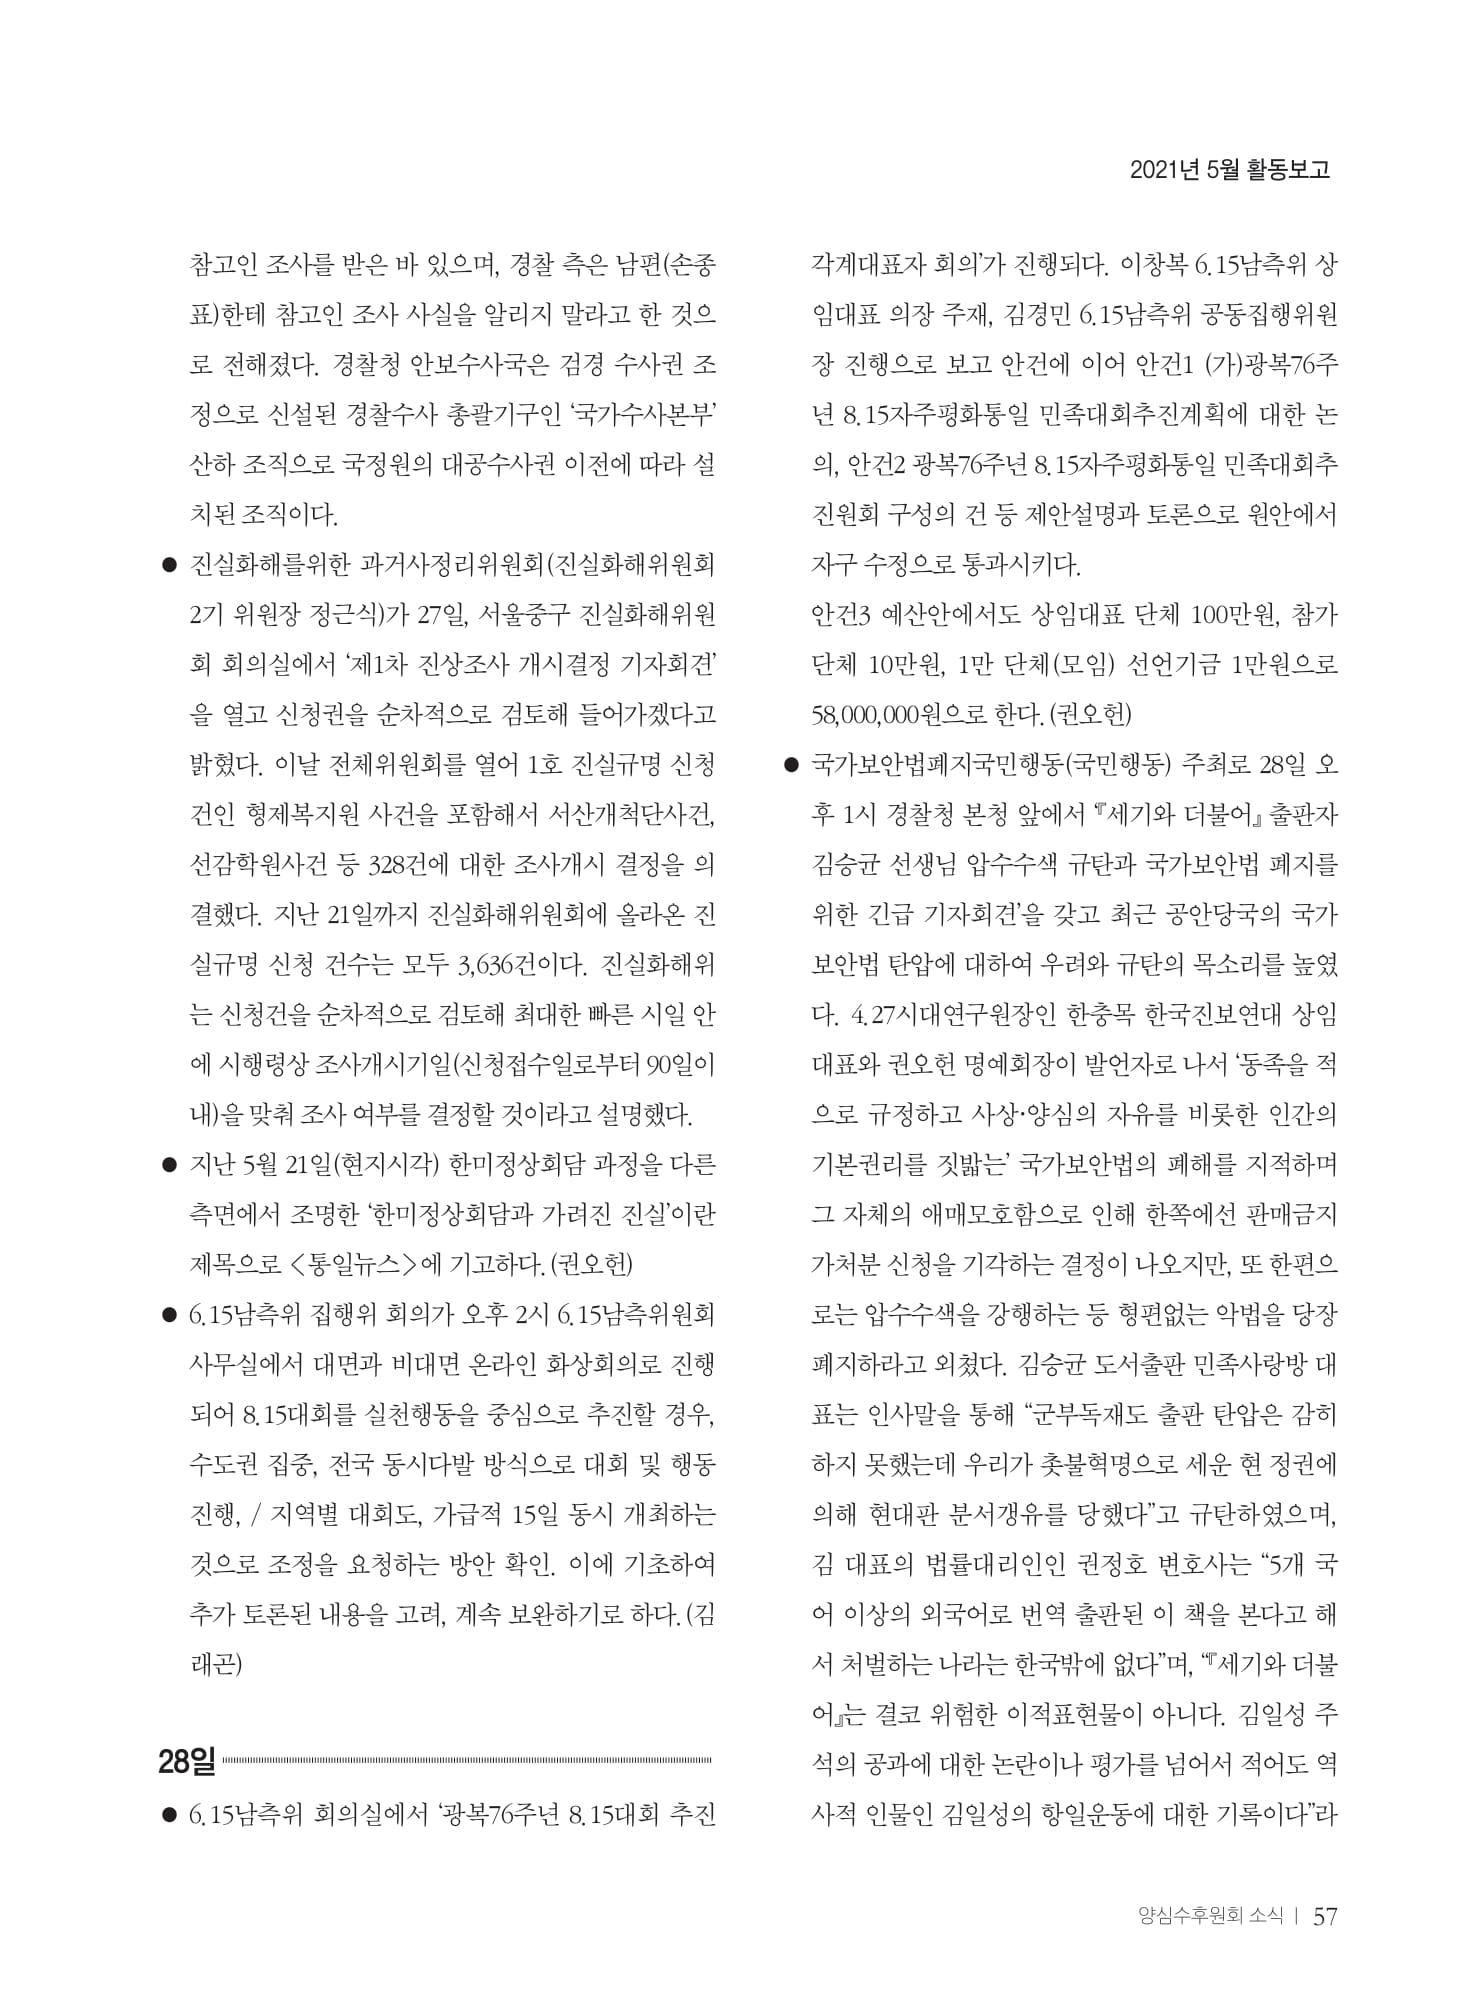 [양심수후원회] 소식지 354호 web 수정-59.jpg